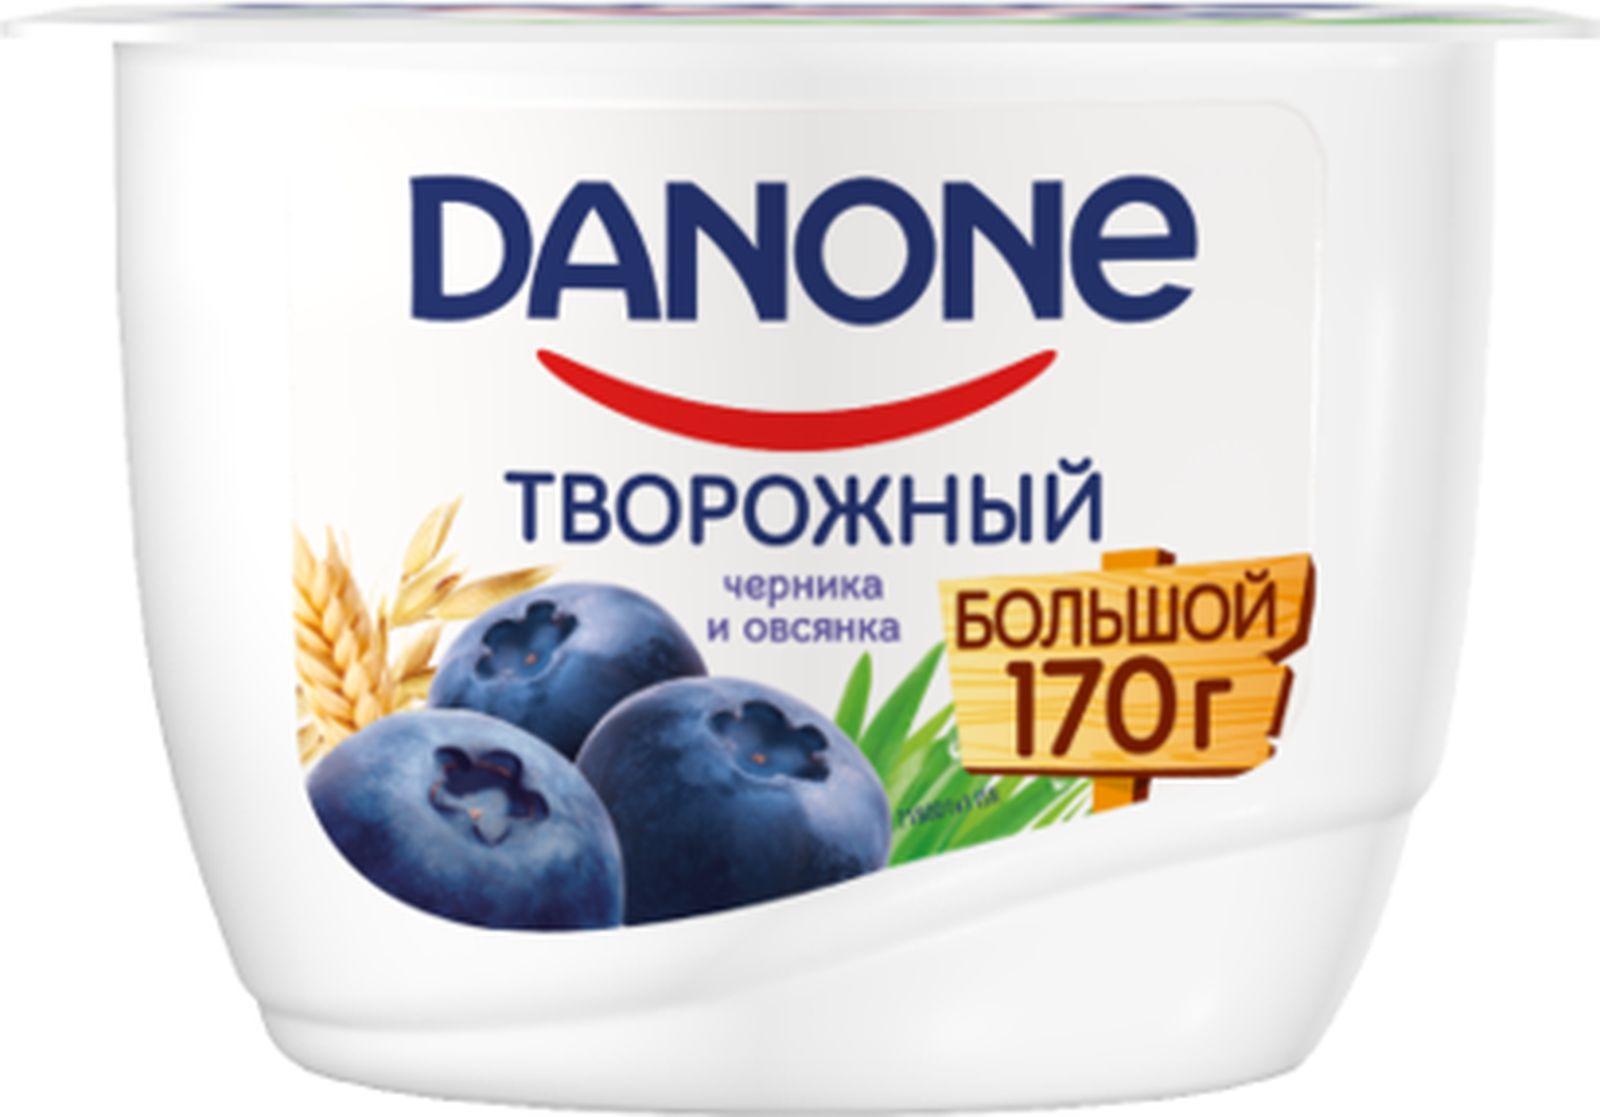 Творожный продукт Danone, черника, овсянка, 170 г danone продукт творожный персик абрикос 3 6% 170 г